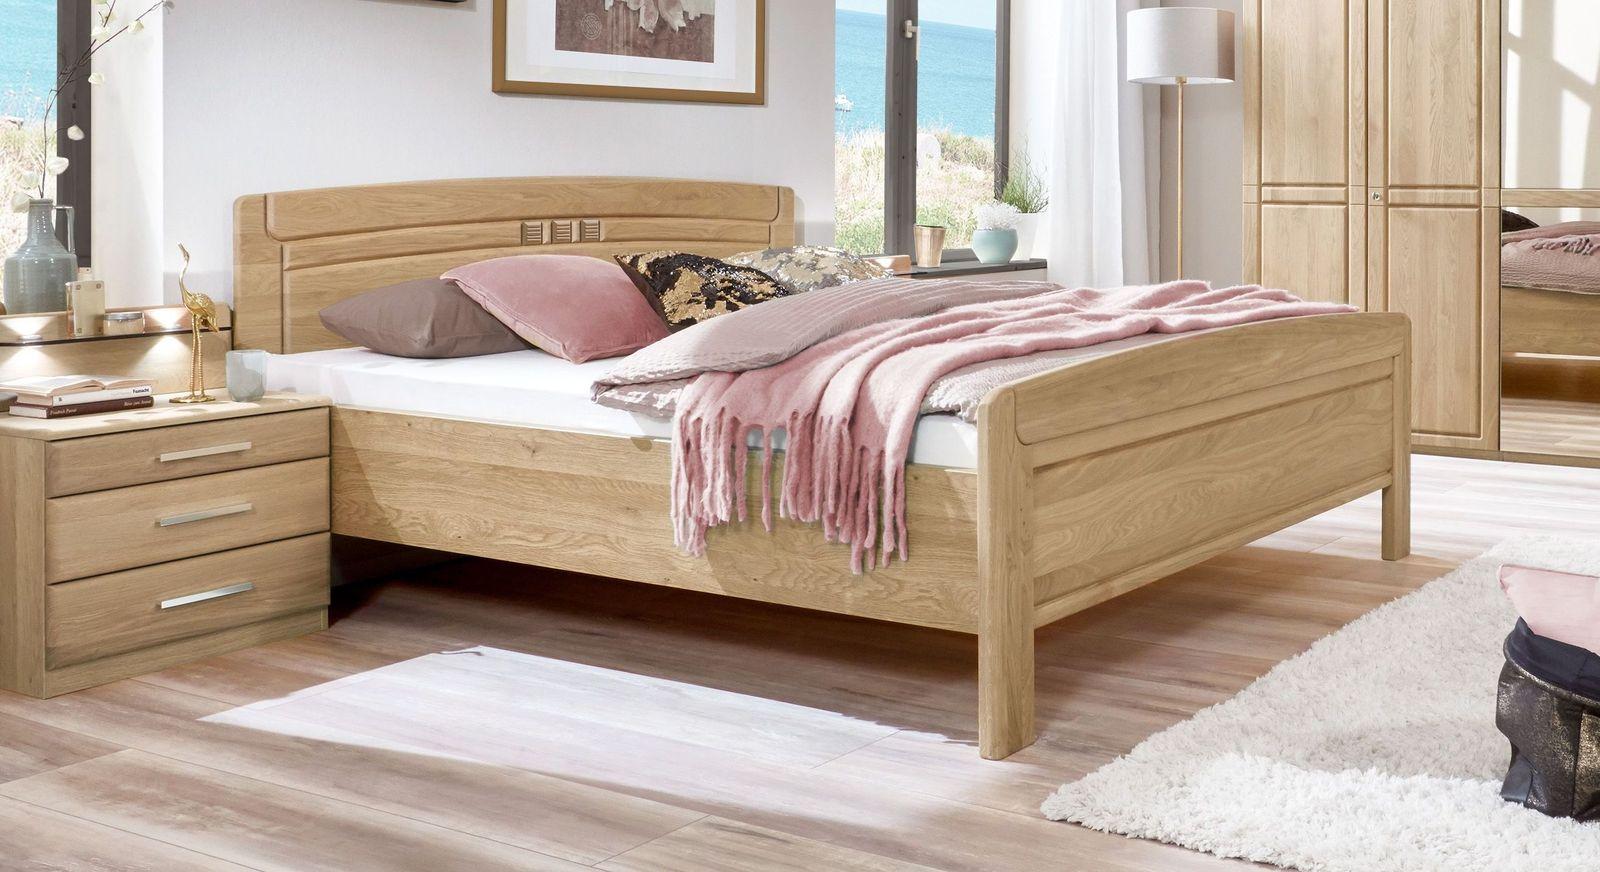 Komfort-Doppelbett Bloomfield mit angenehmer Einstiegshöhe